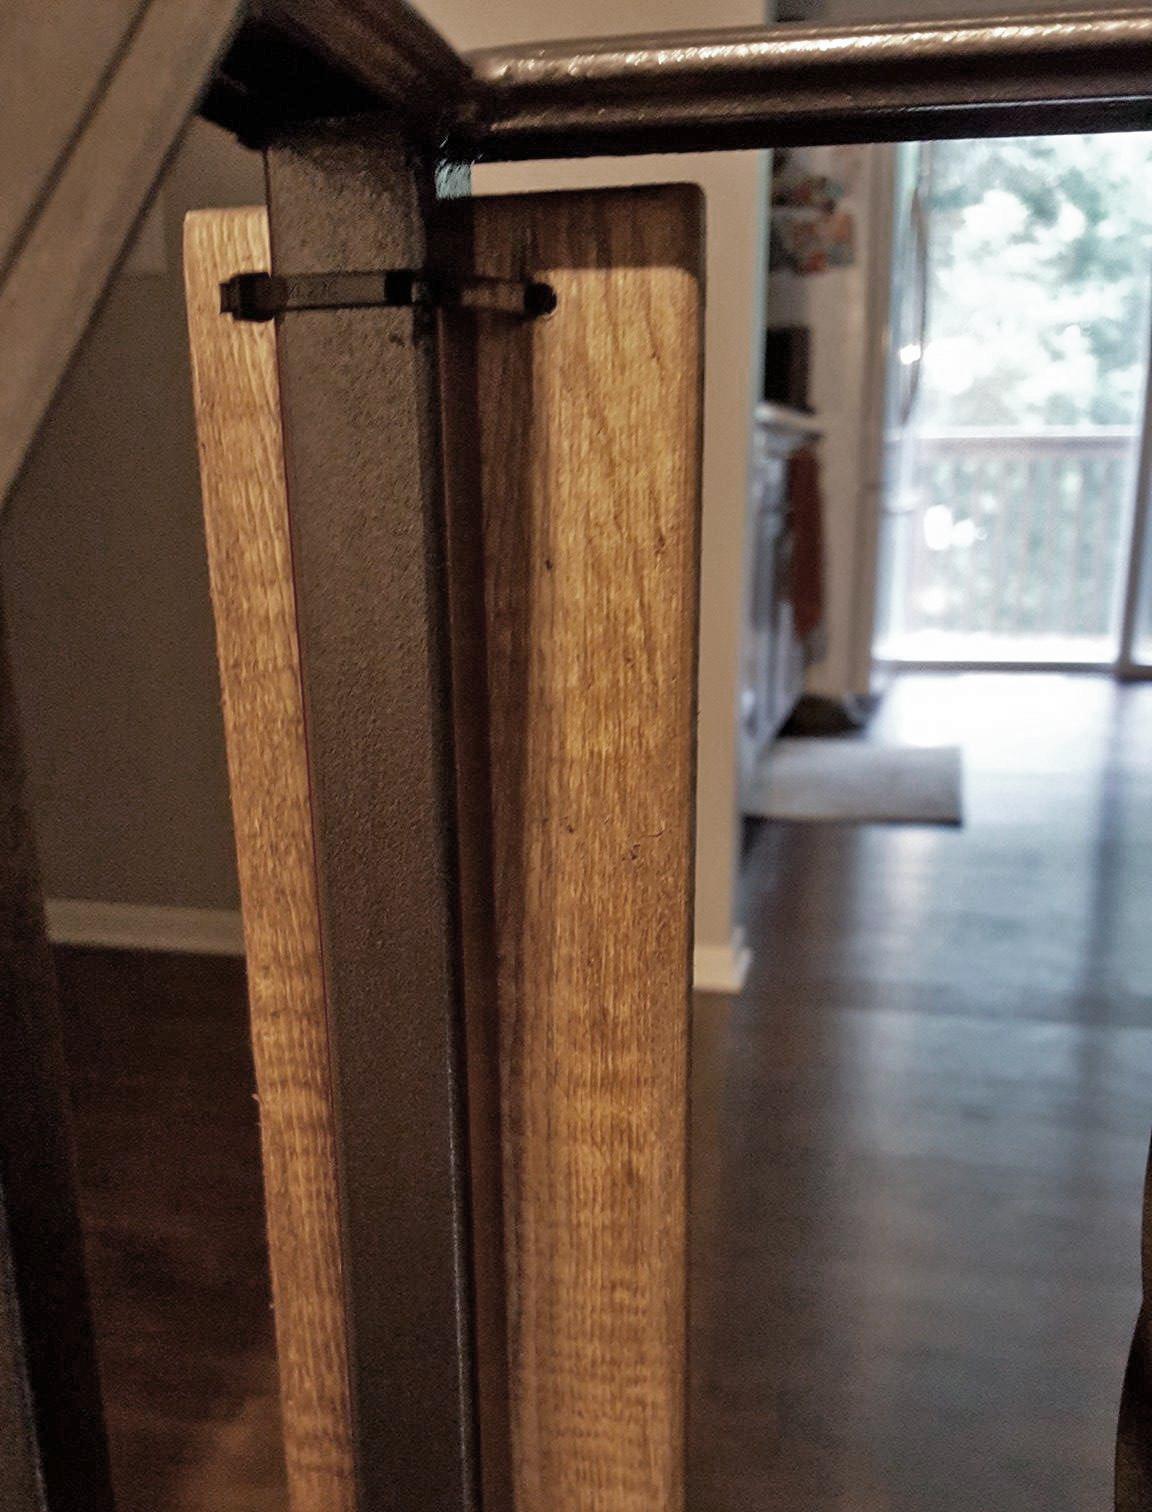 Top Back of Baby Gate Door Frame